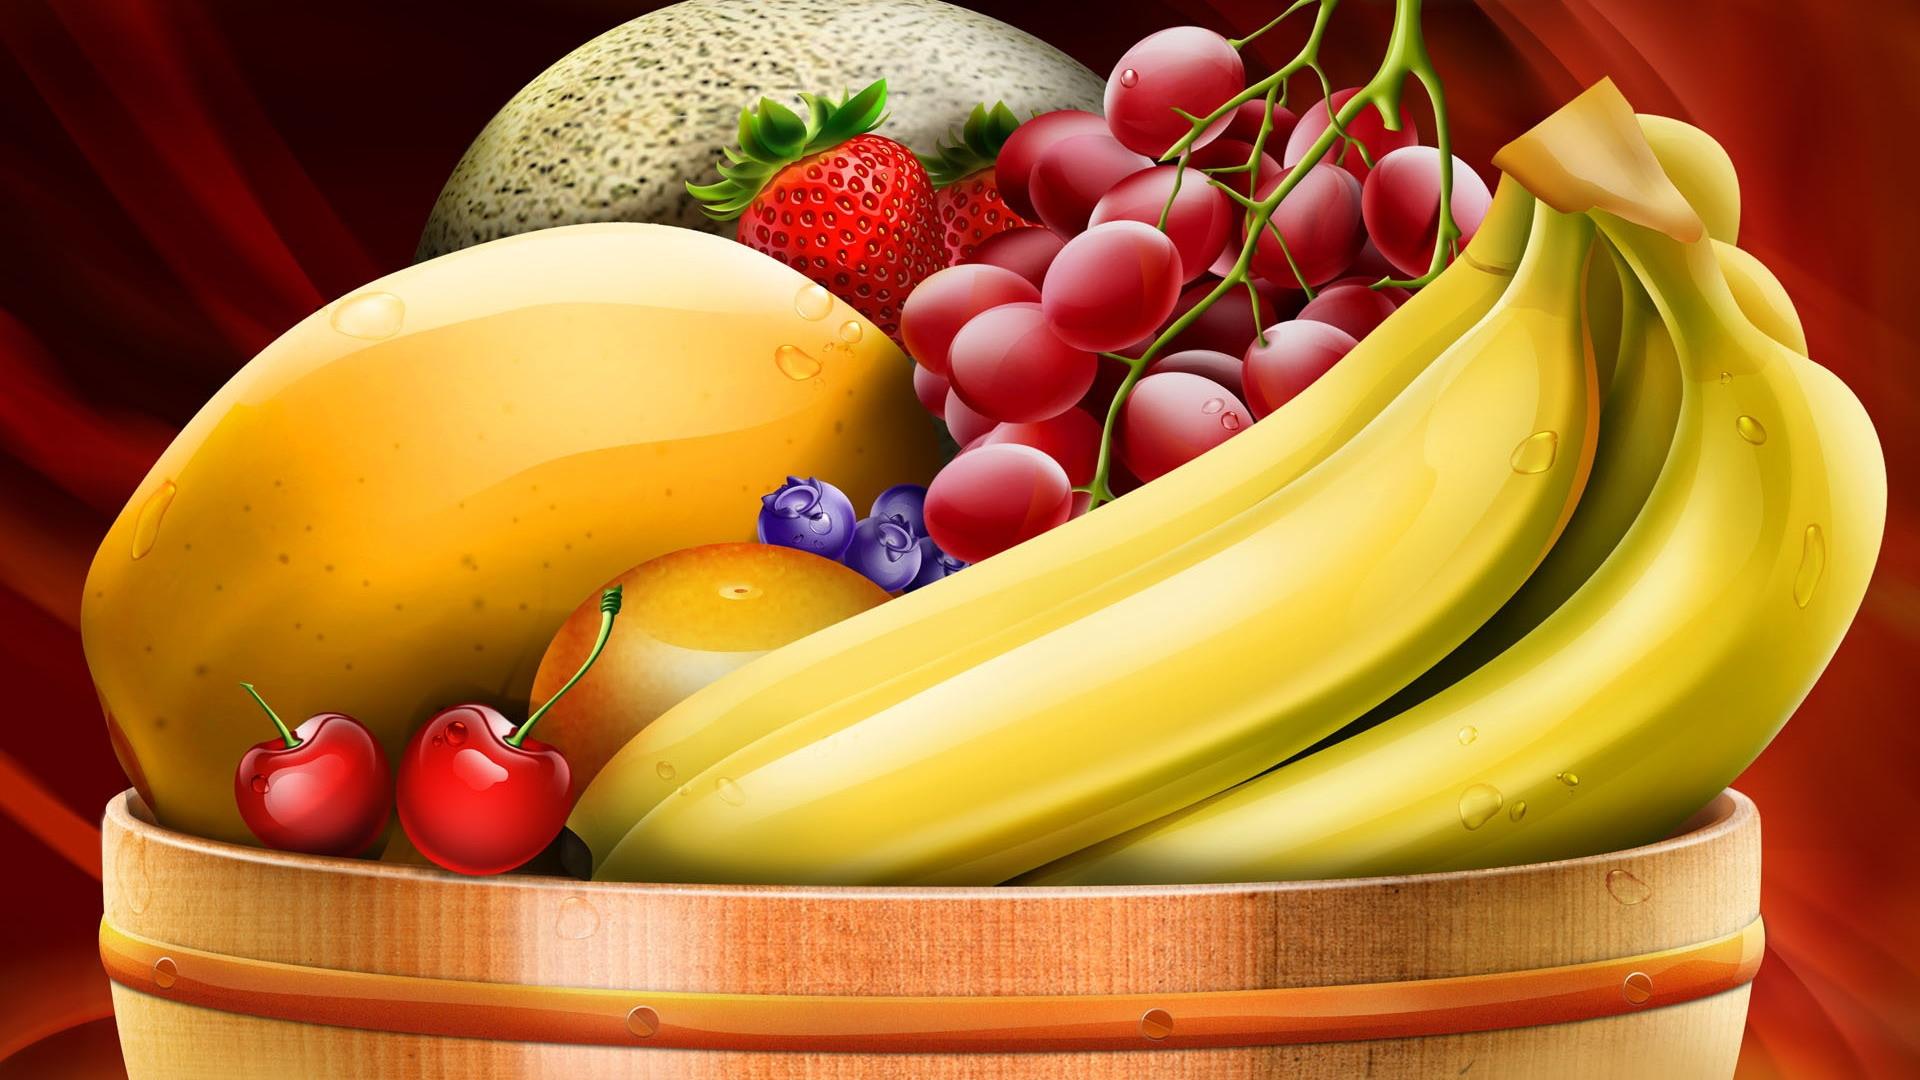 """Схема вышивки  """"Чаша с фруктами """".  Вышивка крестом.  190x119 крестов * 48 цветов * Теги: натюрморт, фрукты, банан..."""